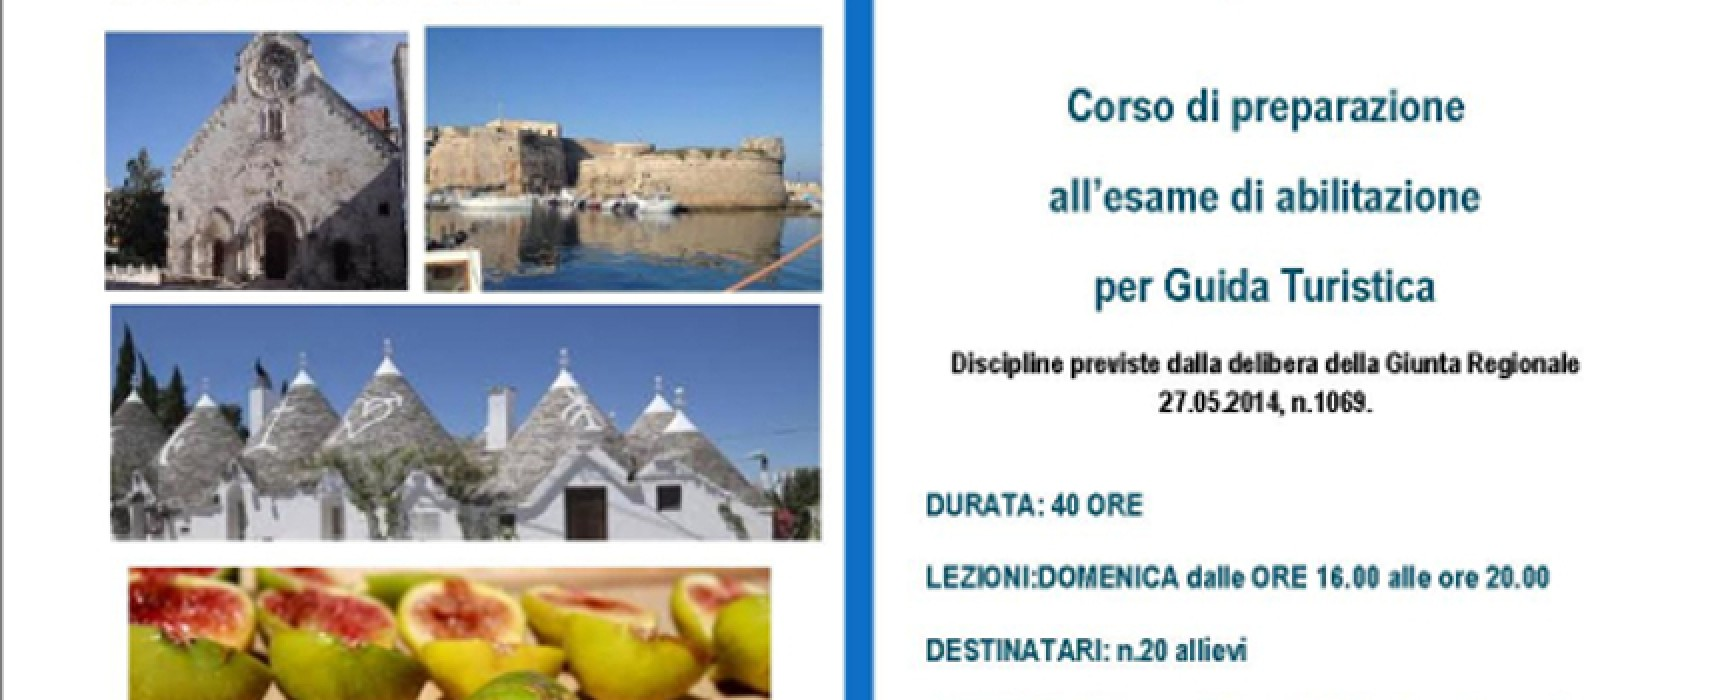 """La Pro Loco presenta il """"Corso di preparazione all'esame di abilitazione per Guide turistiche"""""""